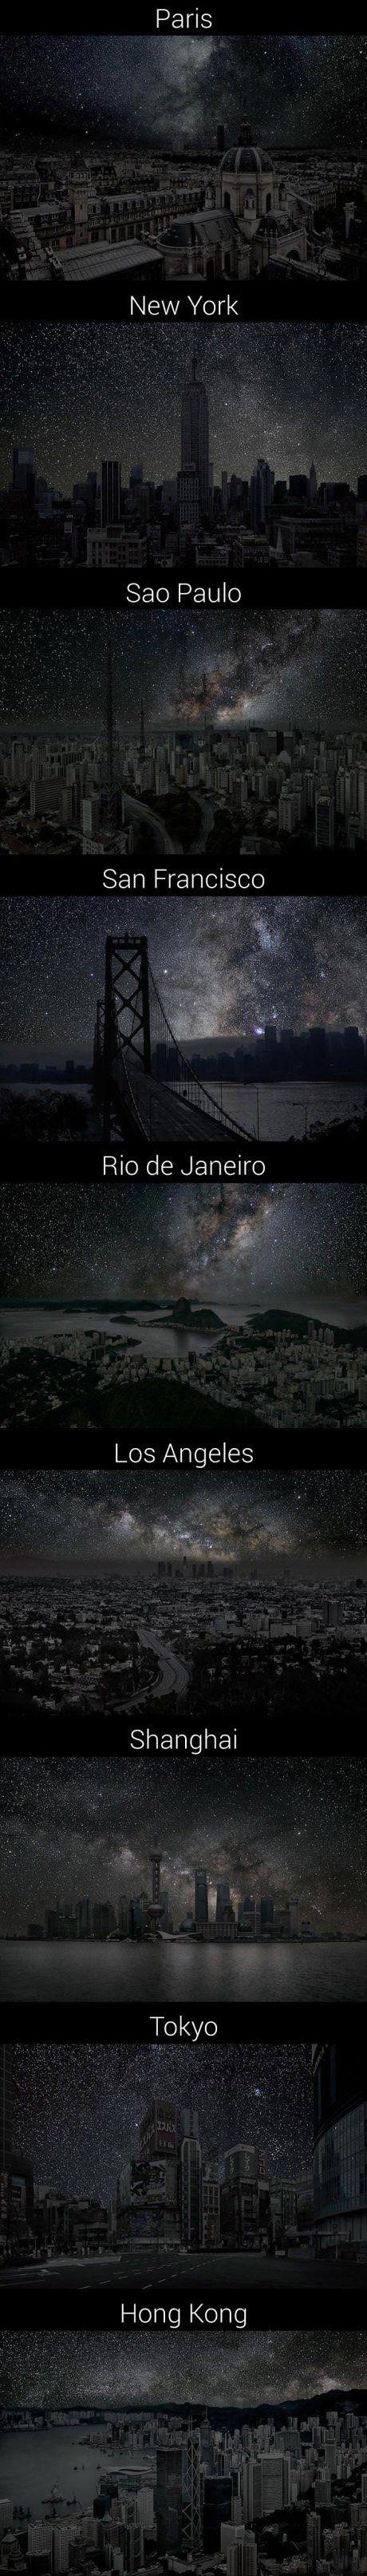 Der Blick auf Großstädte, wenn es keine Lichtverschmutzung gäbe